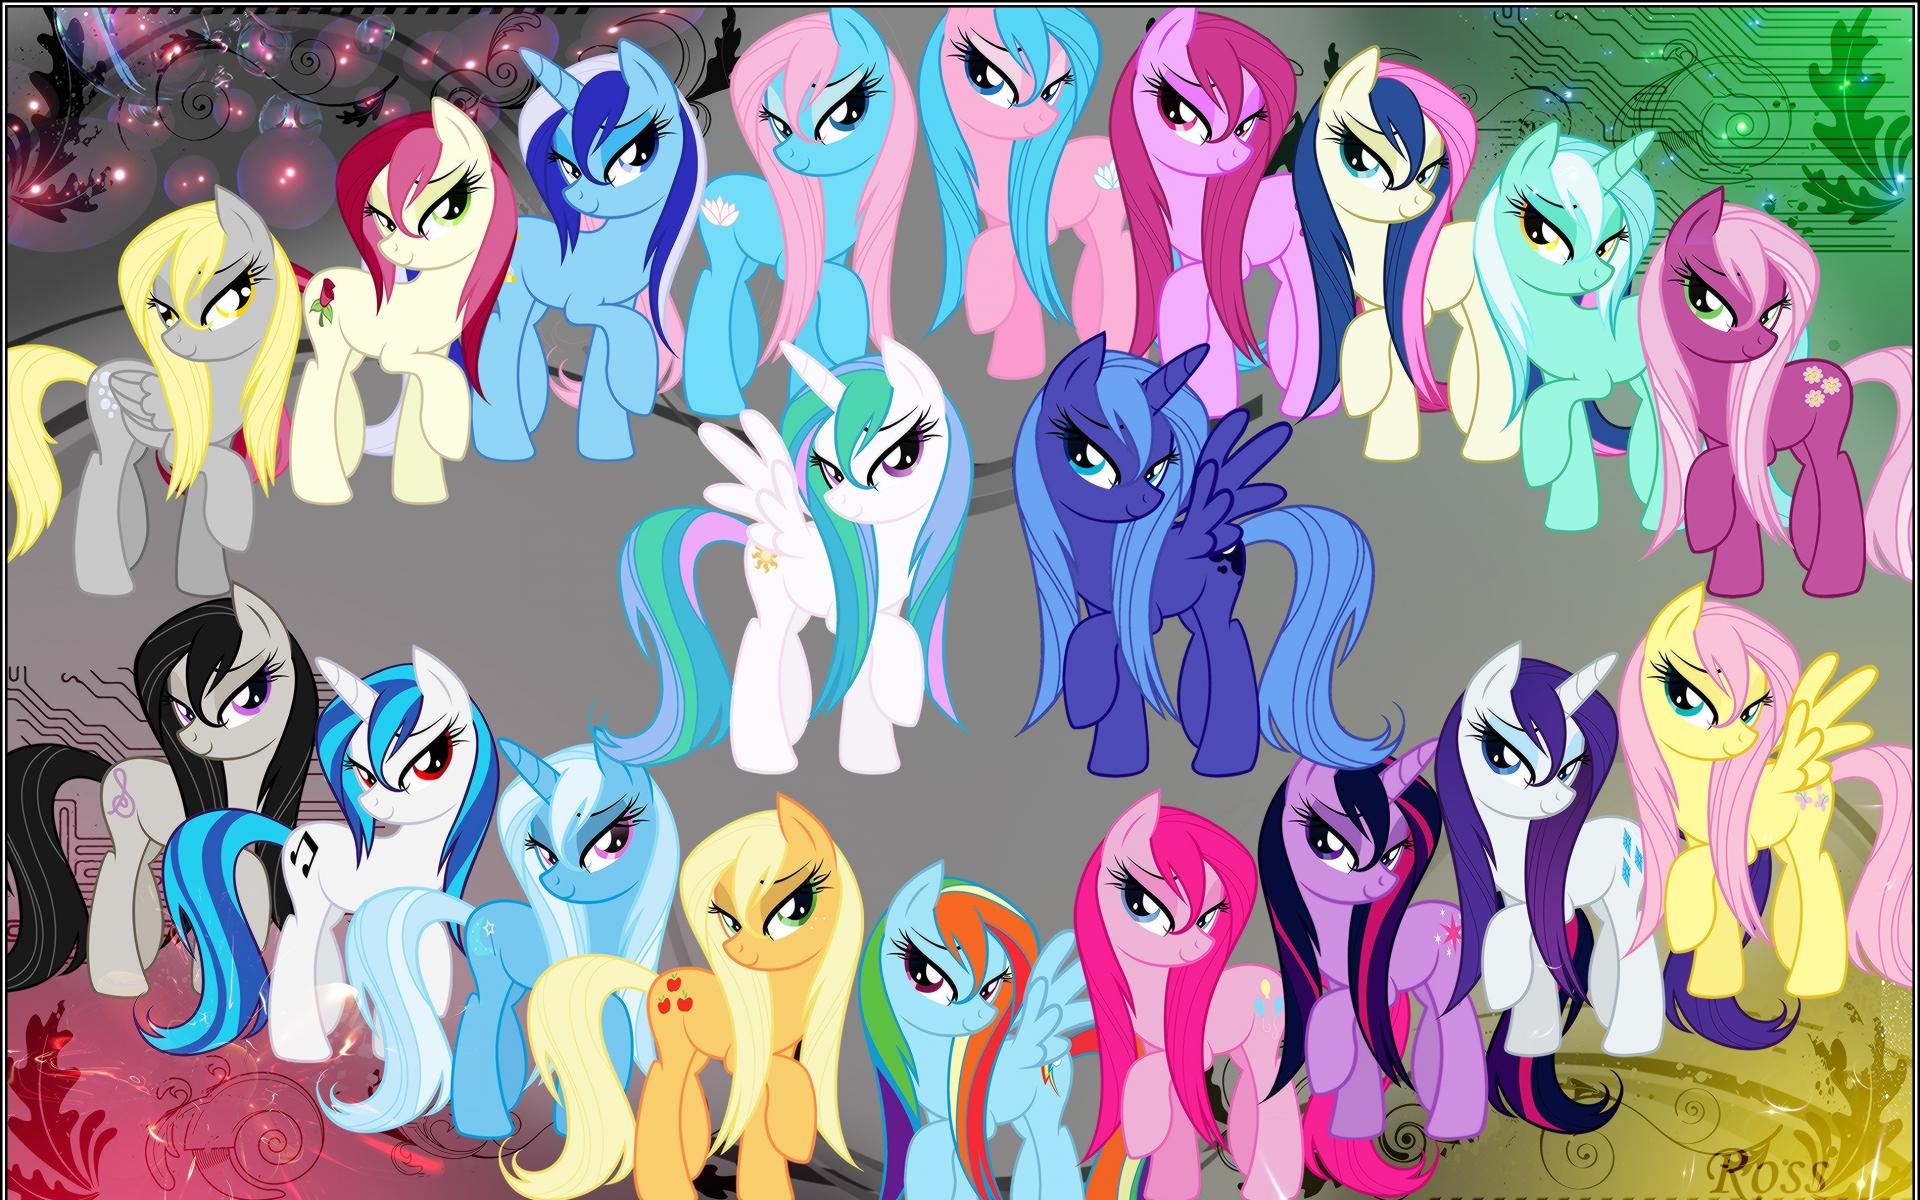 Mlp My Little Pony Fluttershy Derpy Hooves Twilight 1696914 19201200 1920x1200